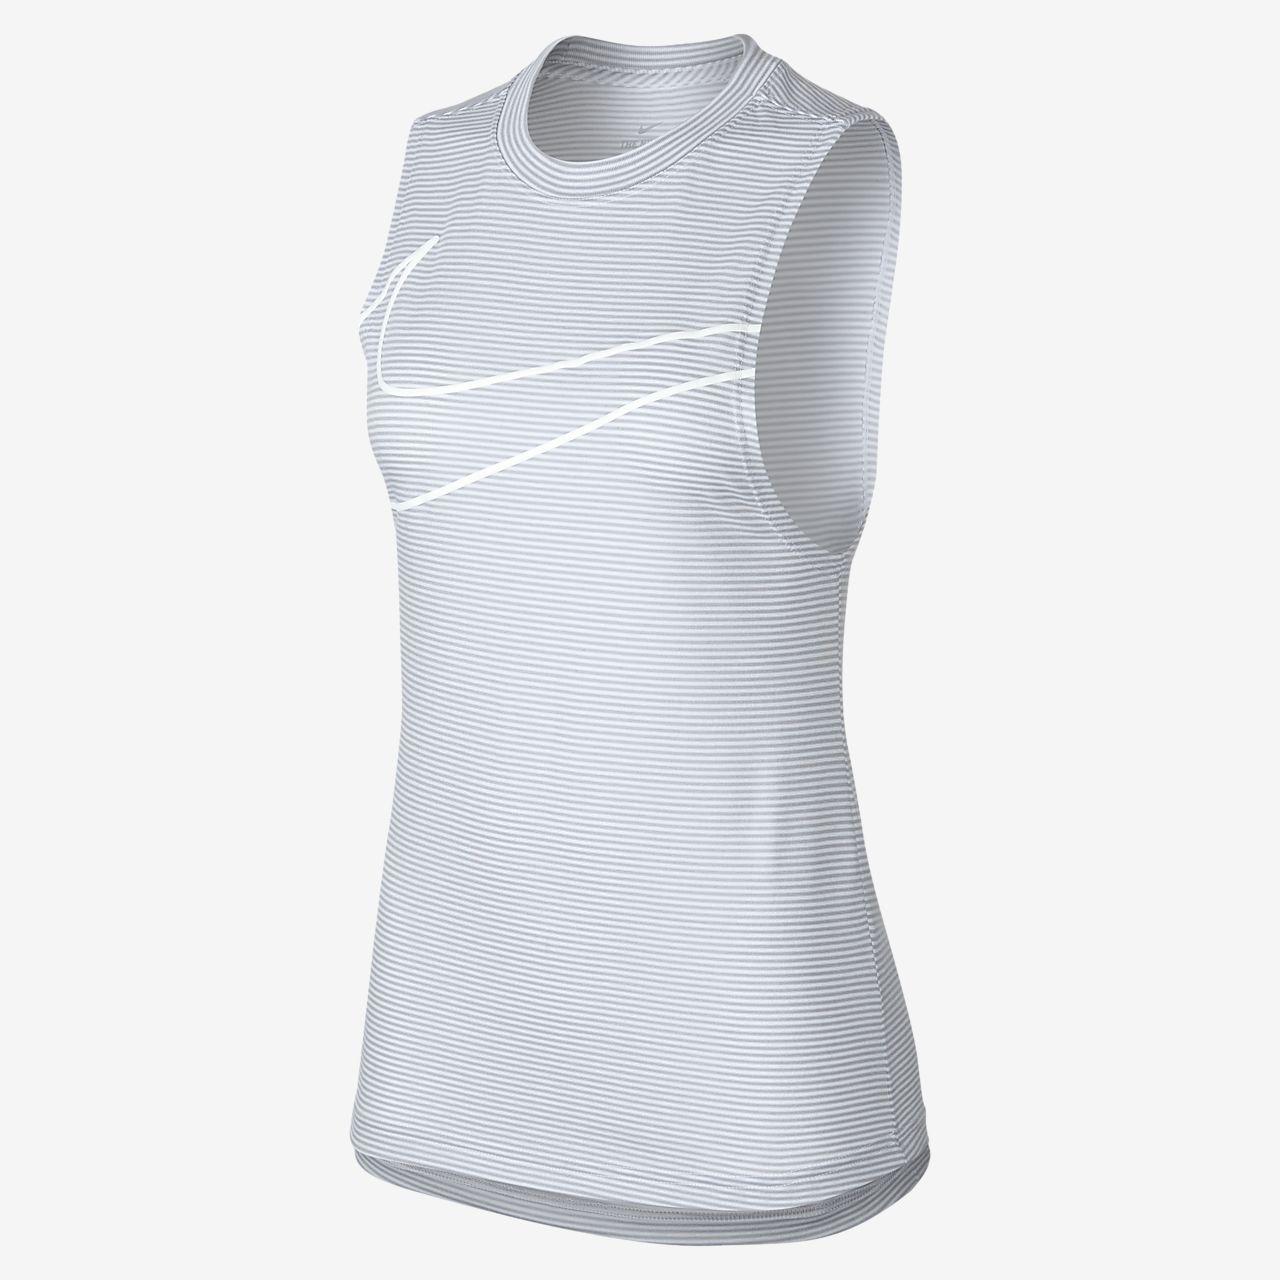 เสื้อกล้ามเทรนนิ่งลายทางผู้หญิง Nike Dri-FIT